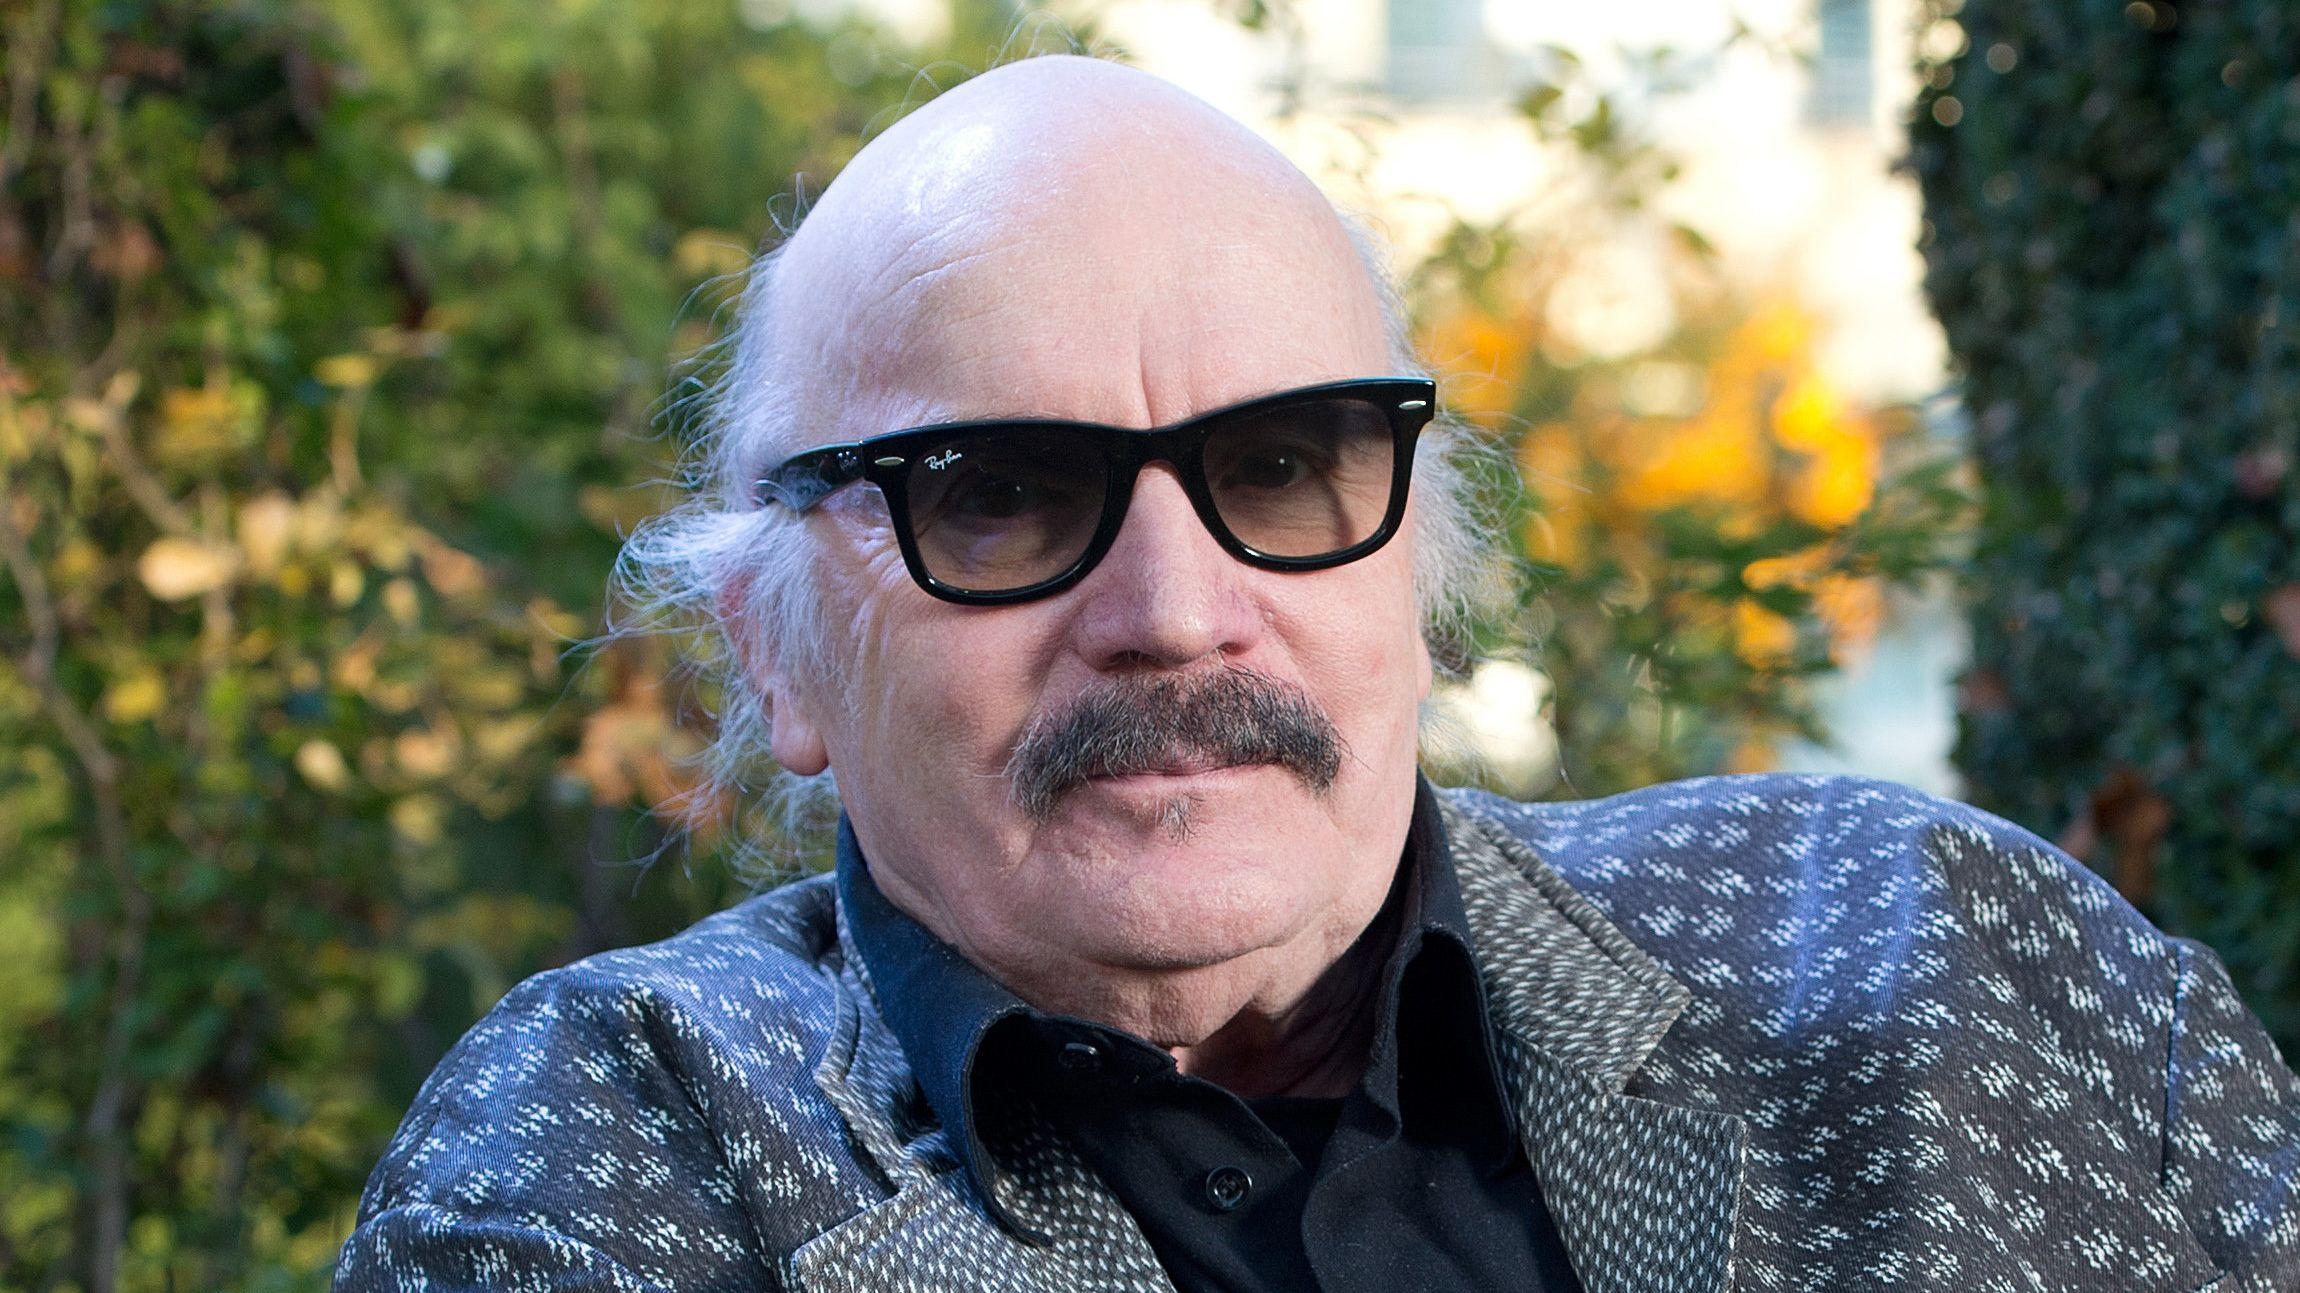 Wolfgang Dauner, Jazzmusiker und Komponist, sitzt vor seinem Haus in einem Sessel.